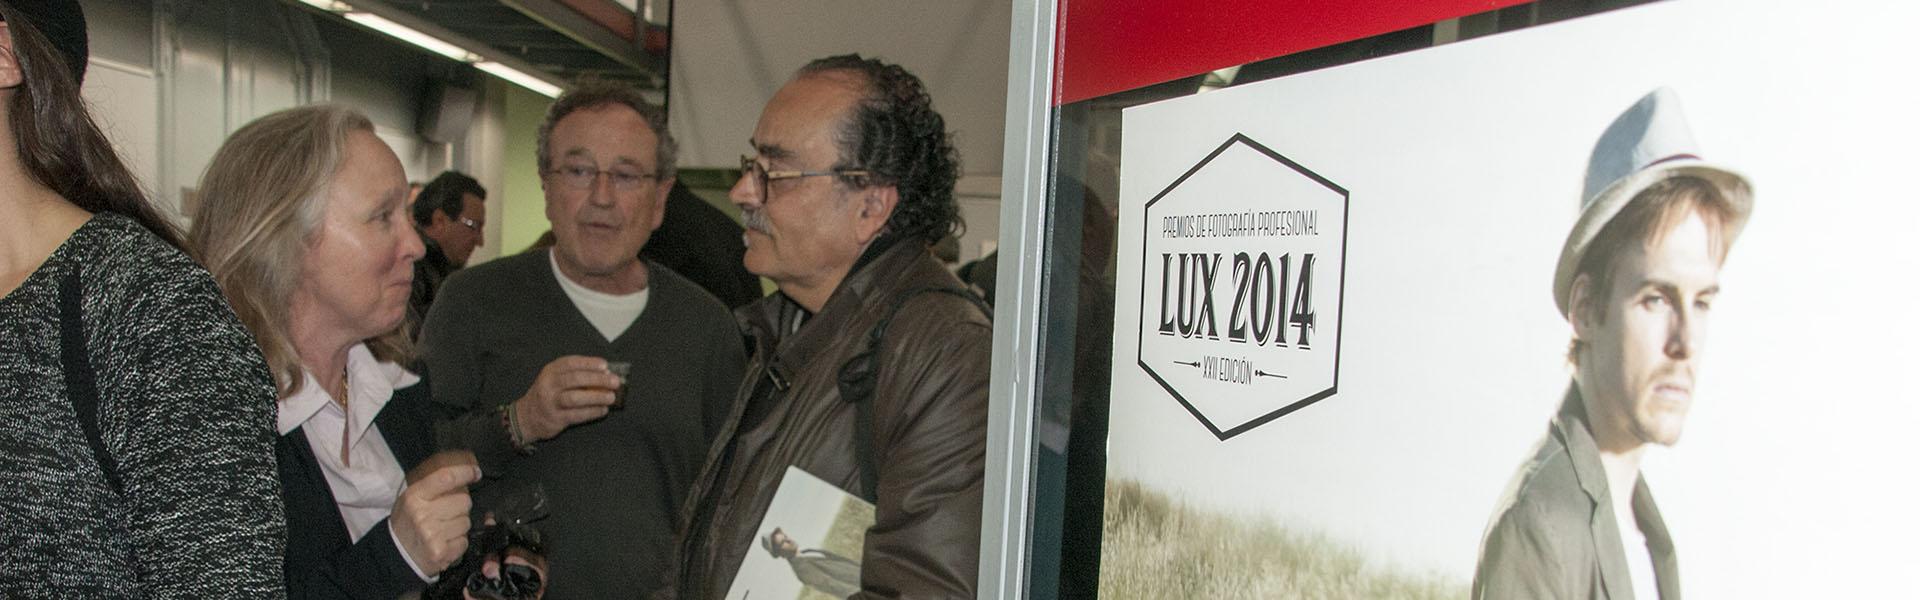 Exposició LUX 2014